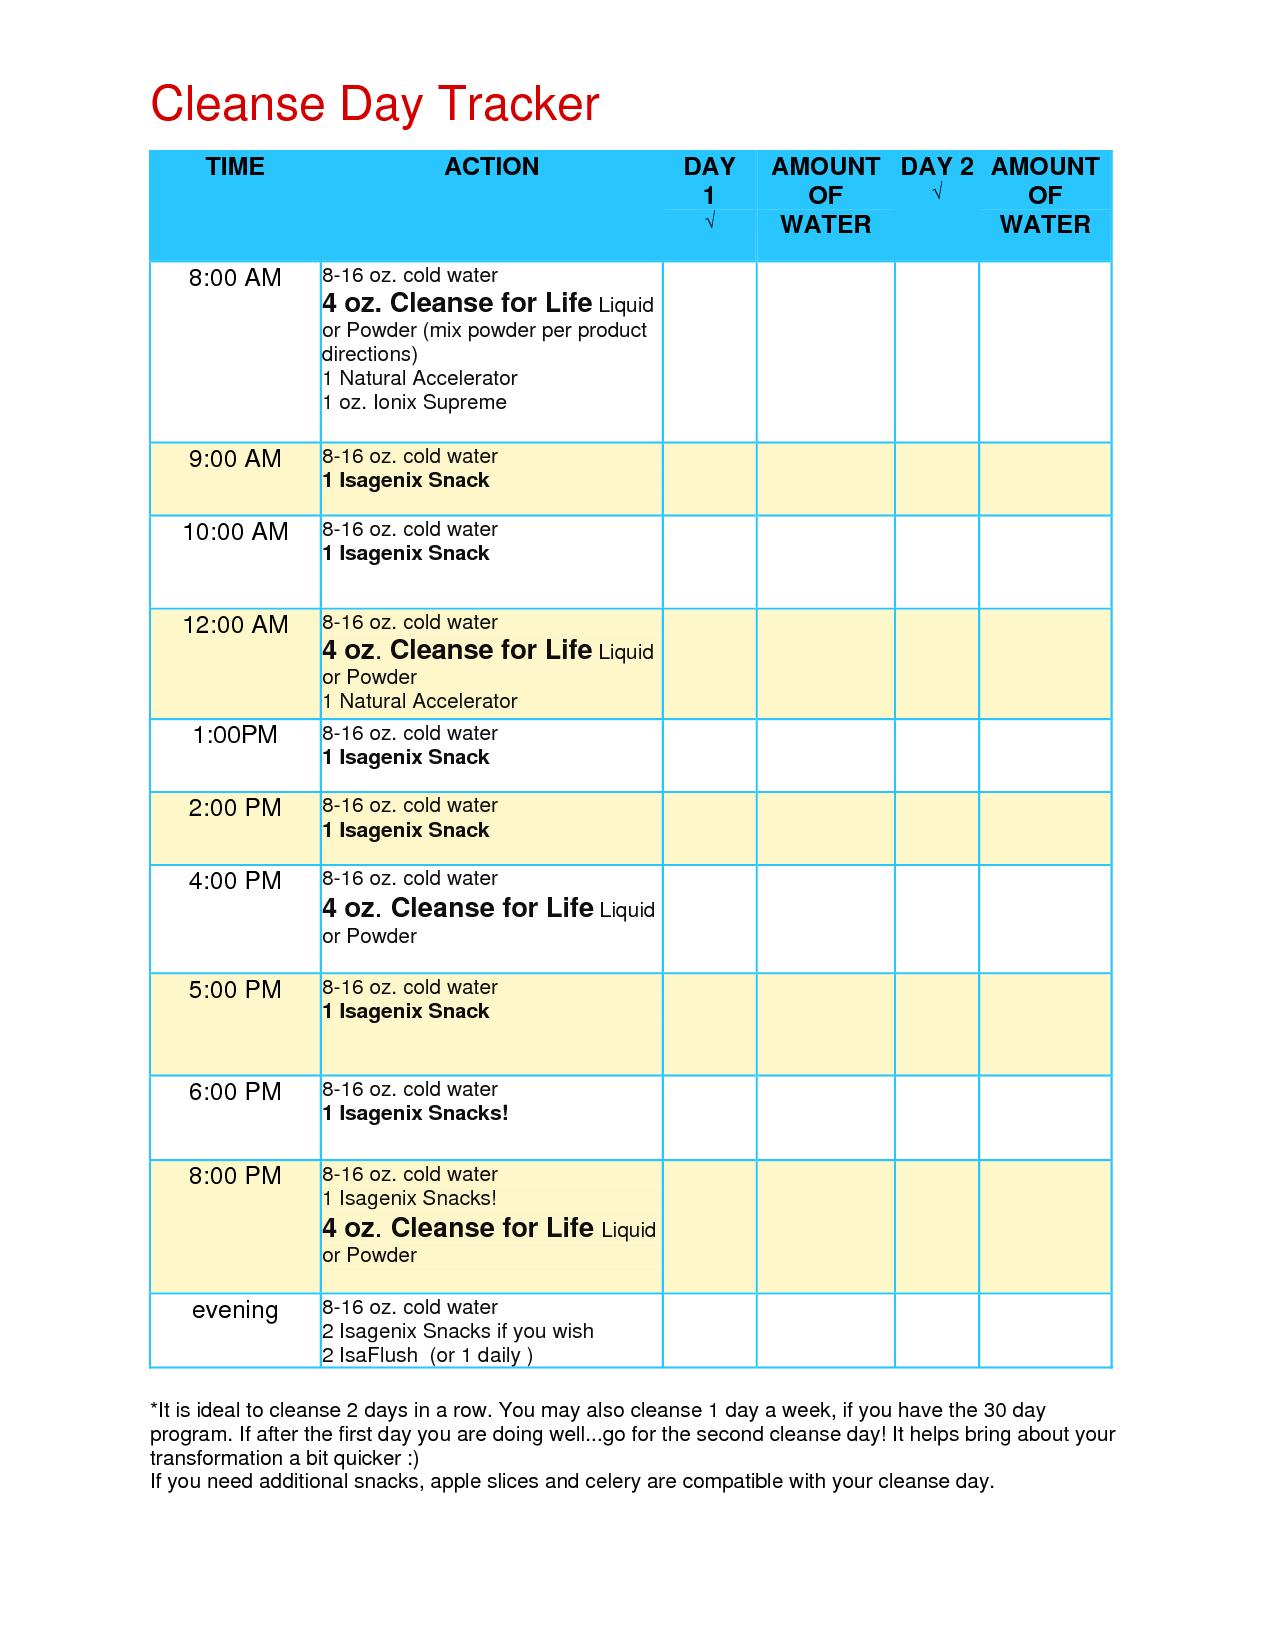 Cleanse Day Tracker | Isagenix Cleanse, Isagenix Snacks Throughout Isagenix Shake Day Schedule Printable